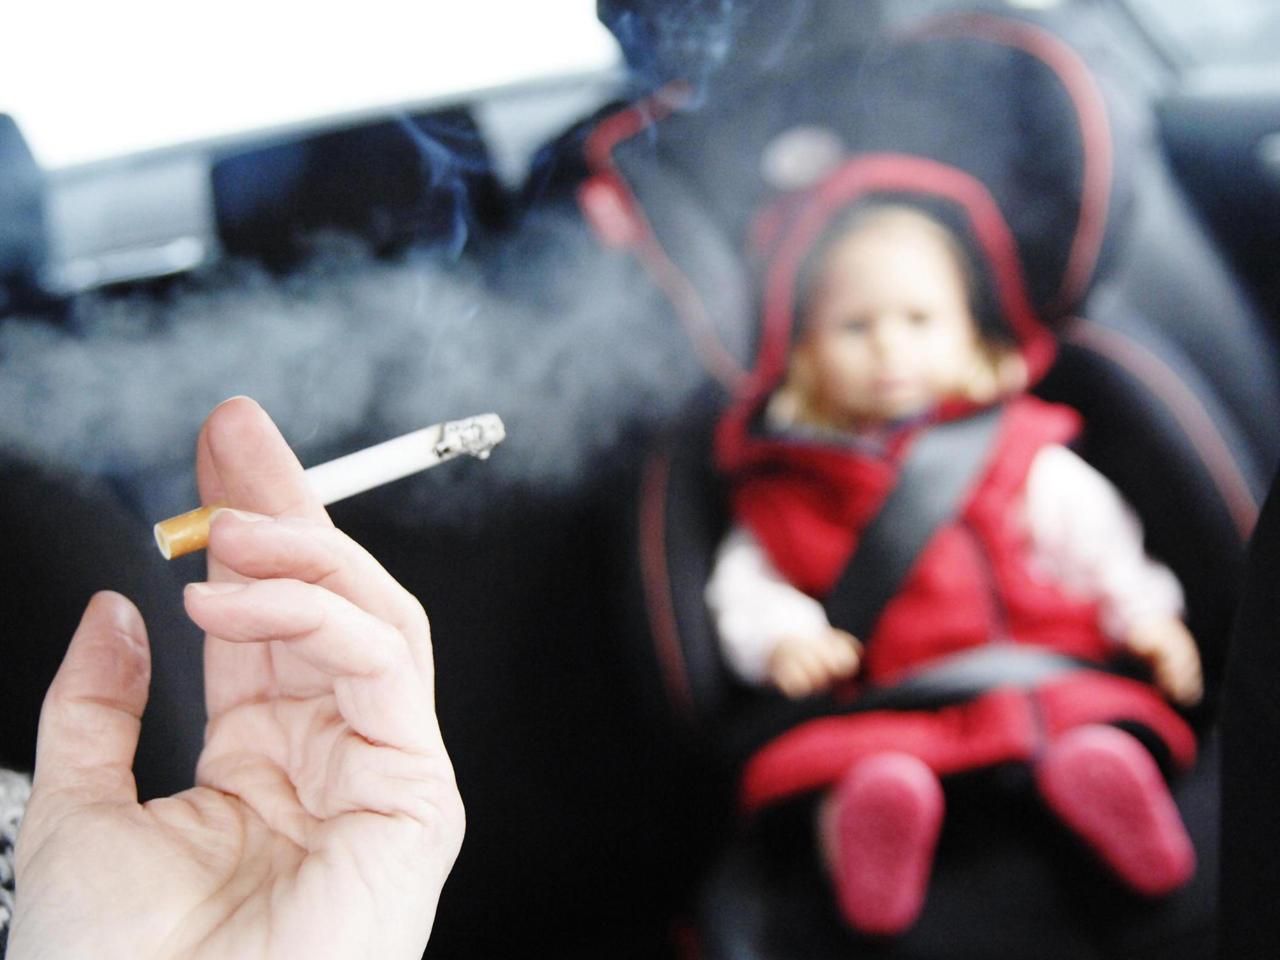 Mẹo cai thuốc lá : 10 cách + thuốc cai thuốc lá cực nhanh, áp dụng là thành công